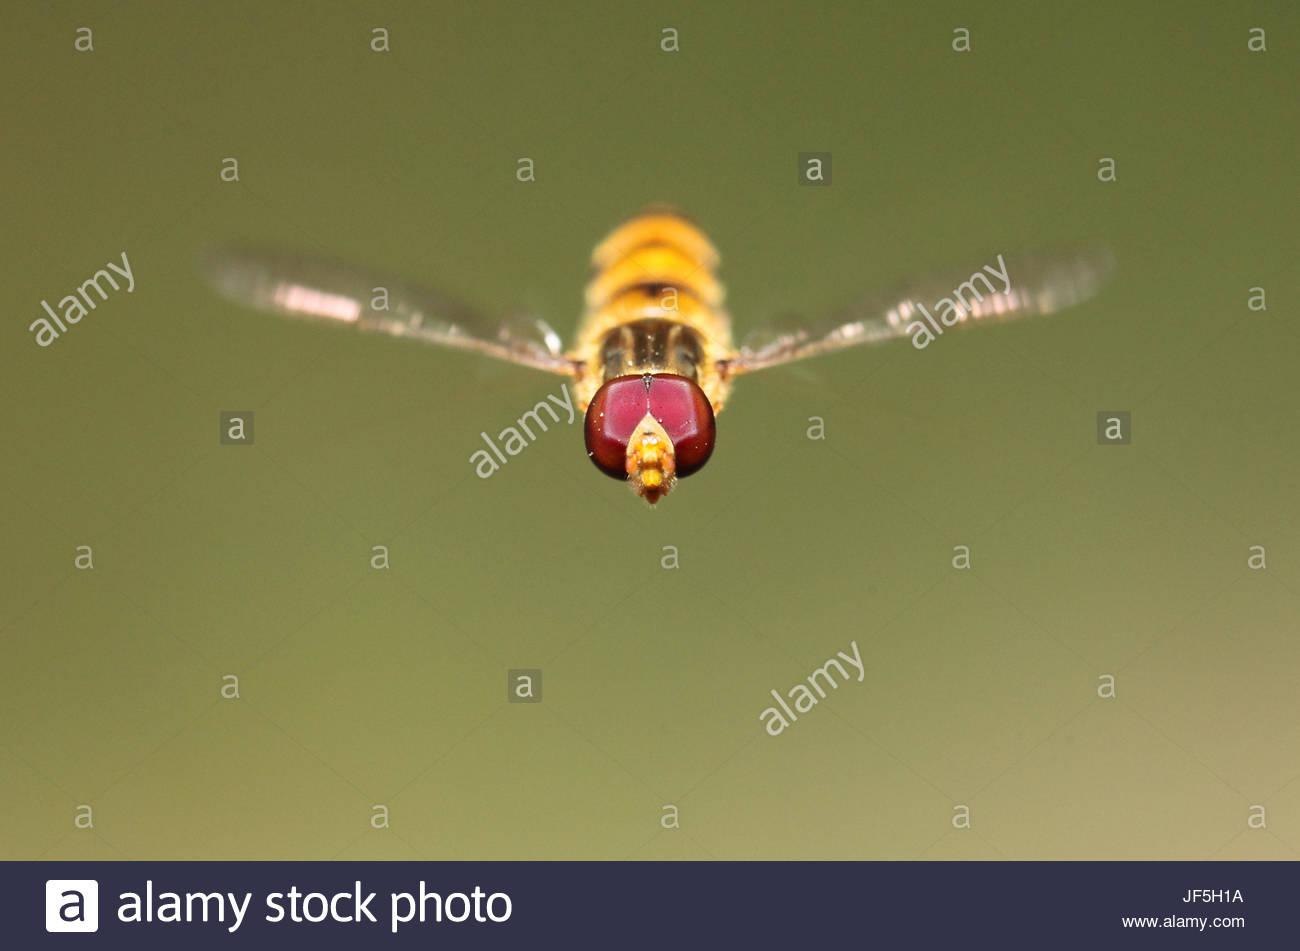 Porträt eines schweben oder Syrphid Fliege mit Pollenkörner auf die Facettenaugen hautnah. Aufzeichnungen Stockbild